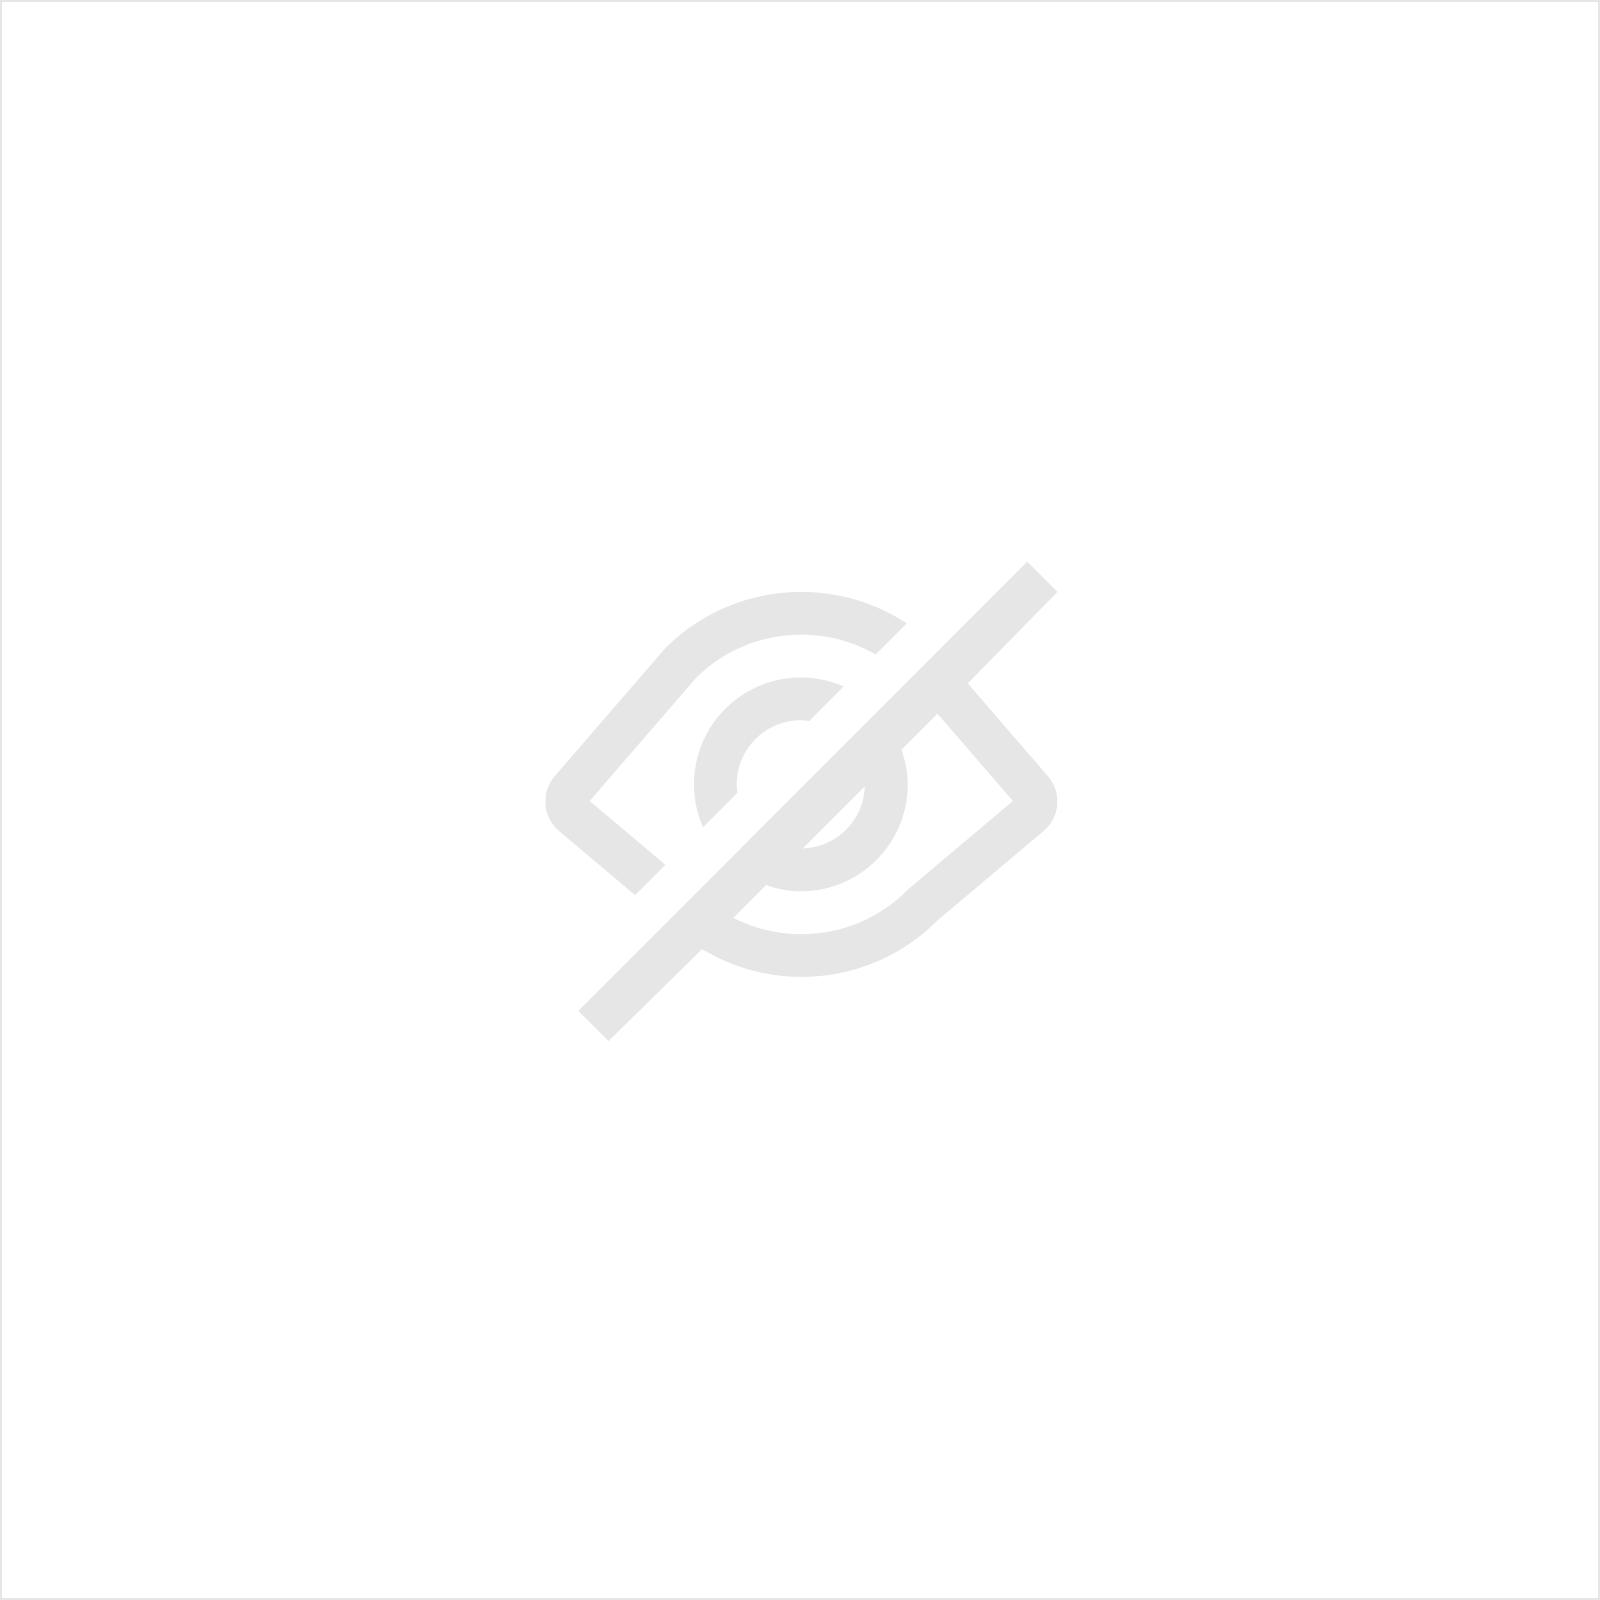 AANSLUITKIT 10M HOBBYBLASTER KABINE-STRAALKETEL / COMPRESSOR